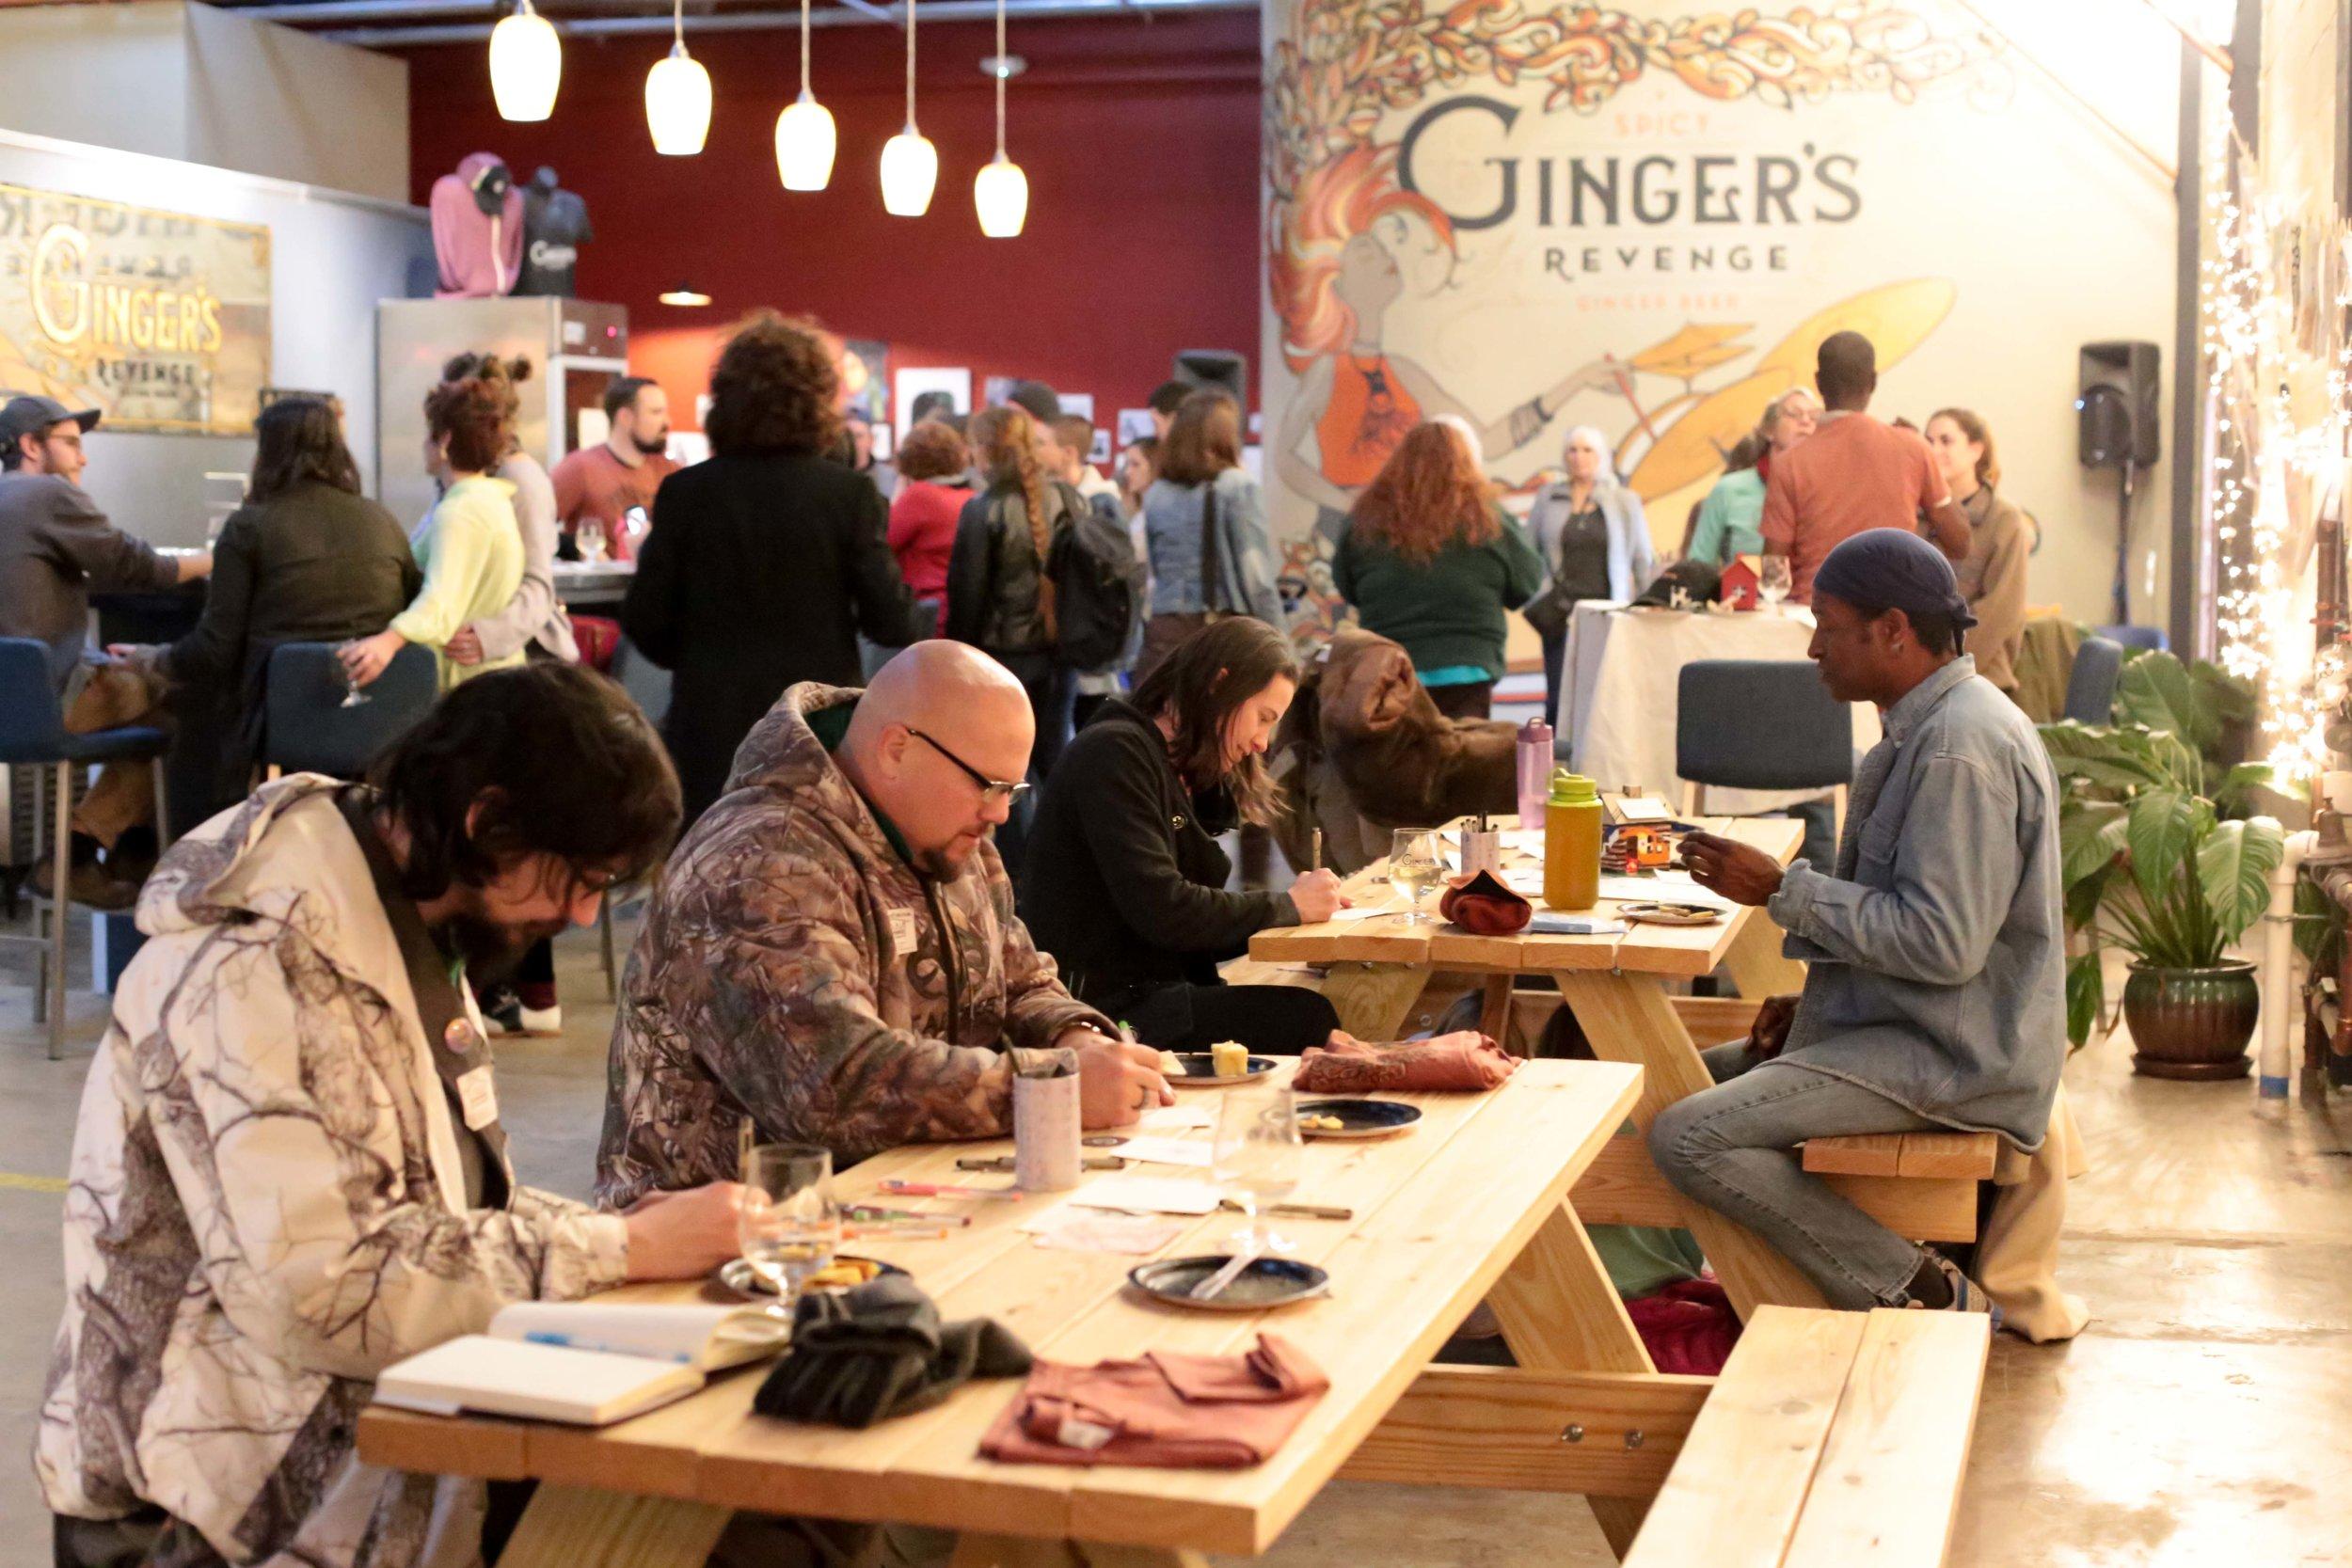 iah gingers revenge full view.jpg